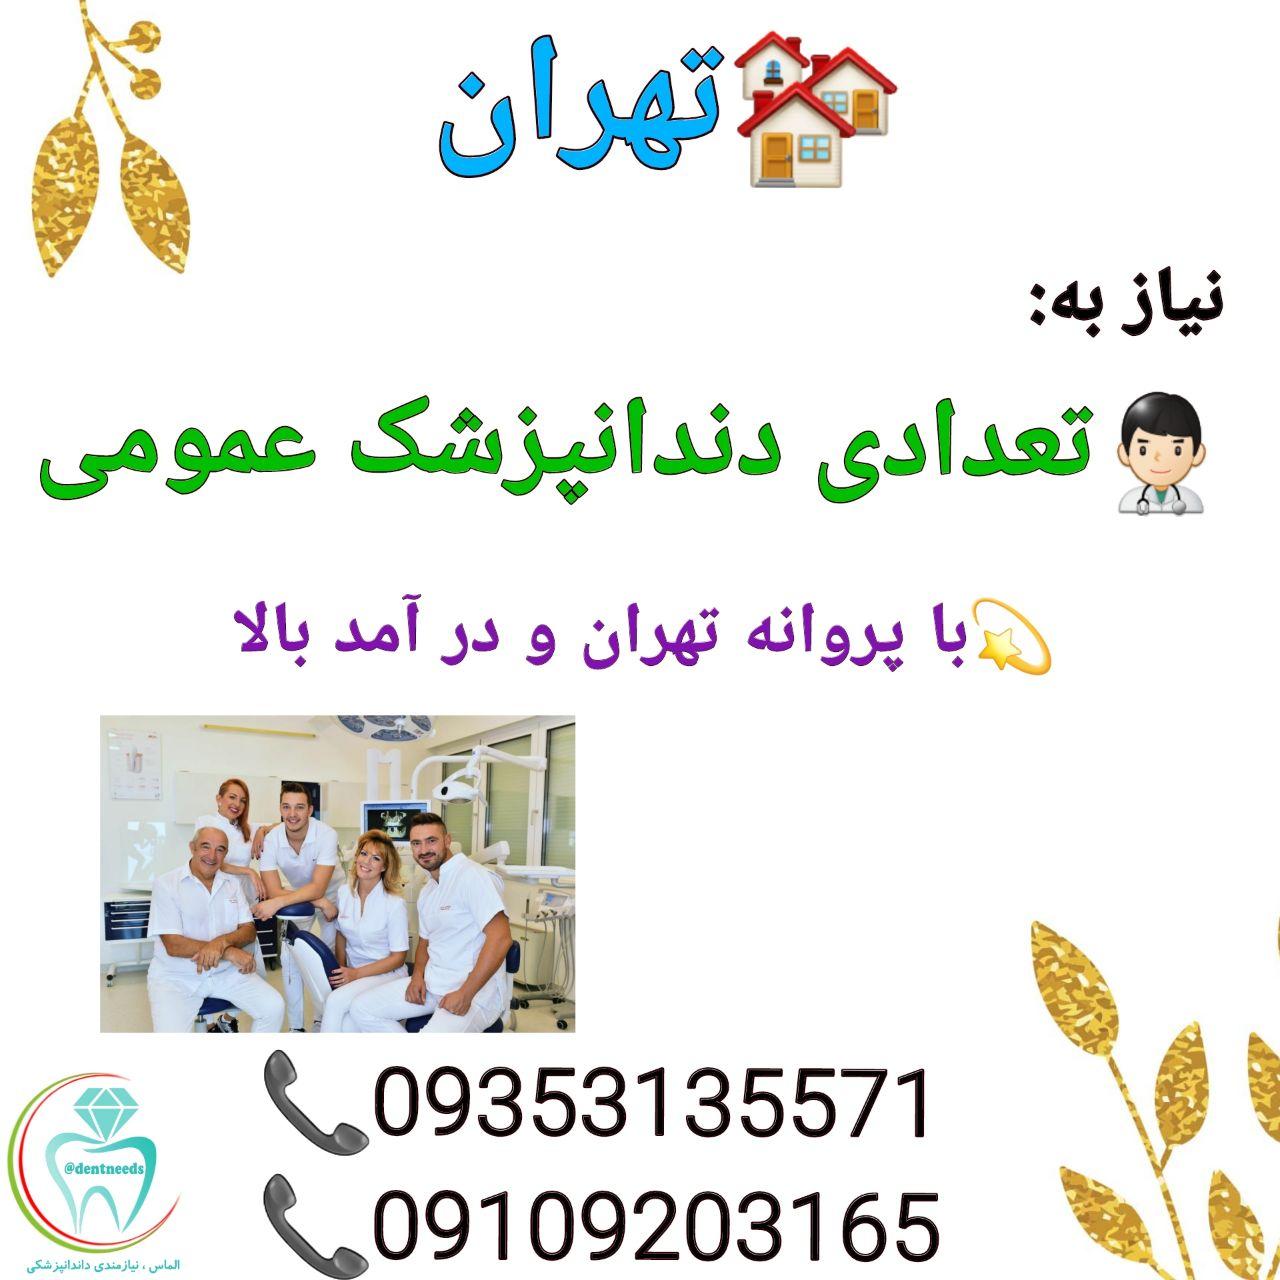 تهران: نیاز بهتعدادی دندانپزشک عمومی